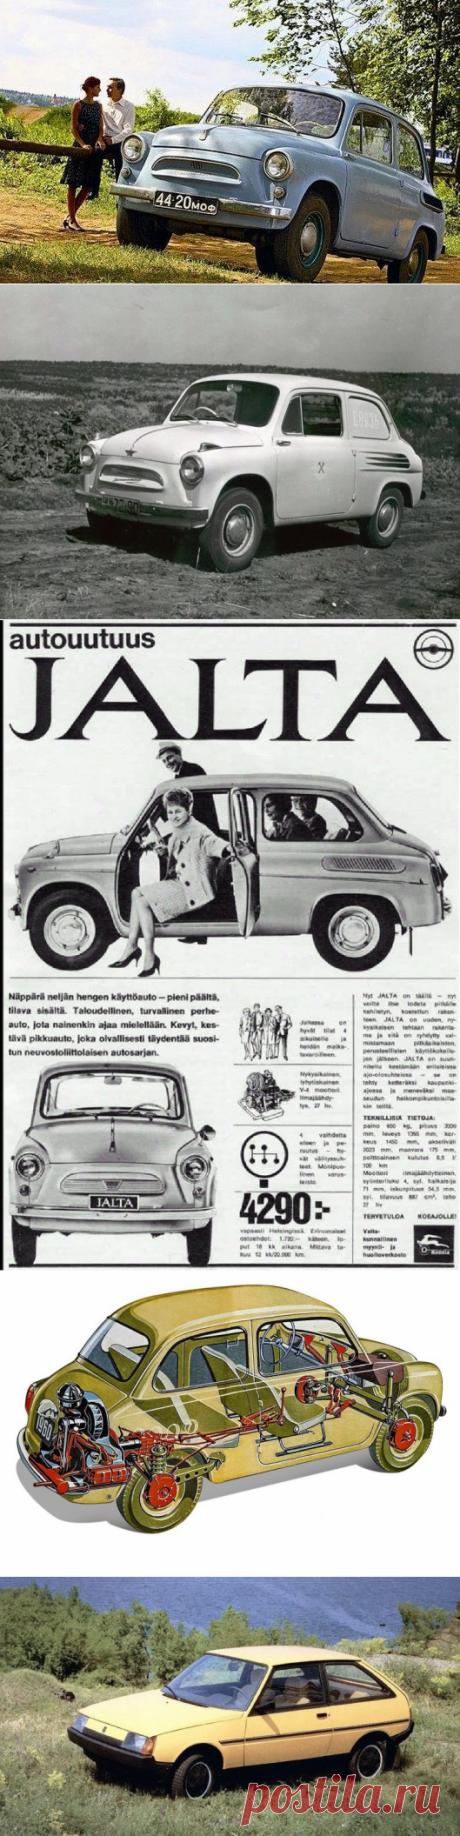 7 интересных фактов о самом маленьком советском автомобиле / Назад в СССР / Back in USSR